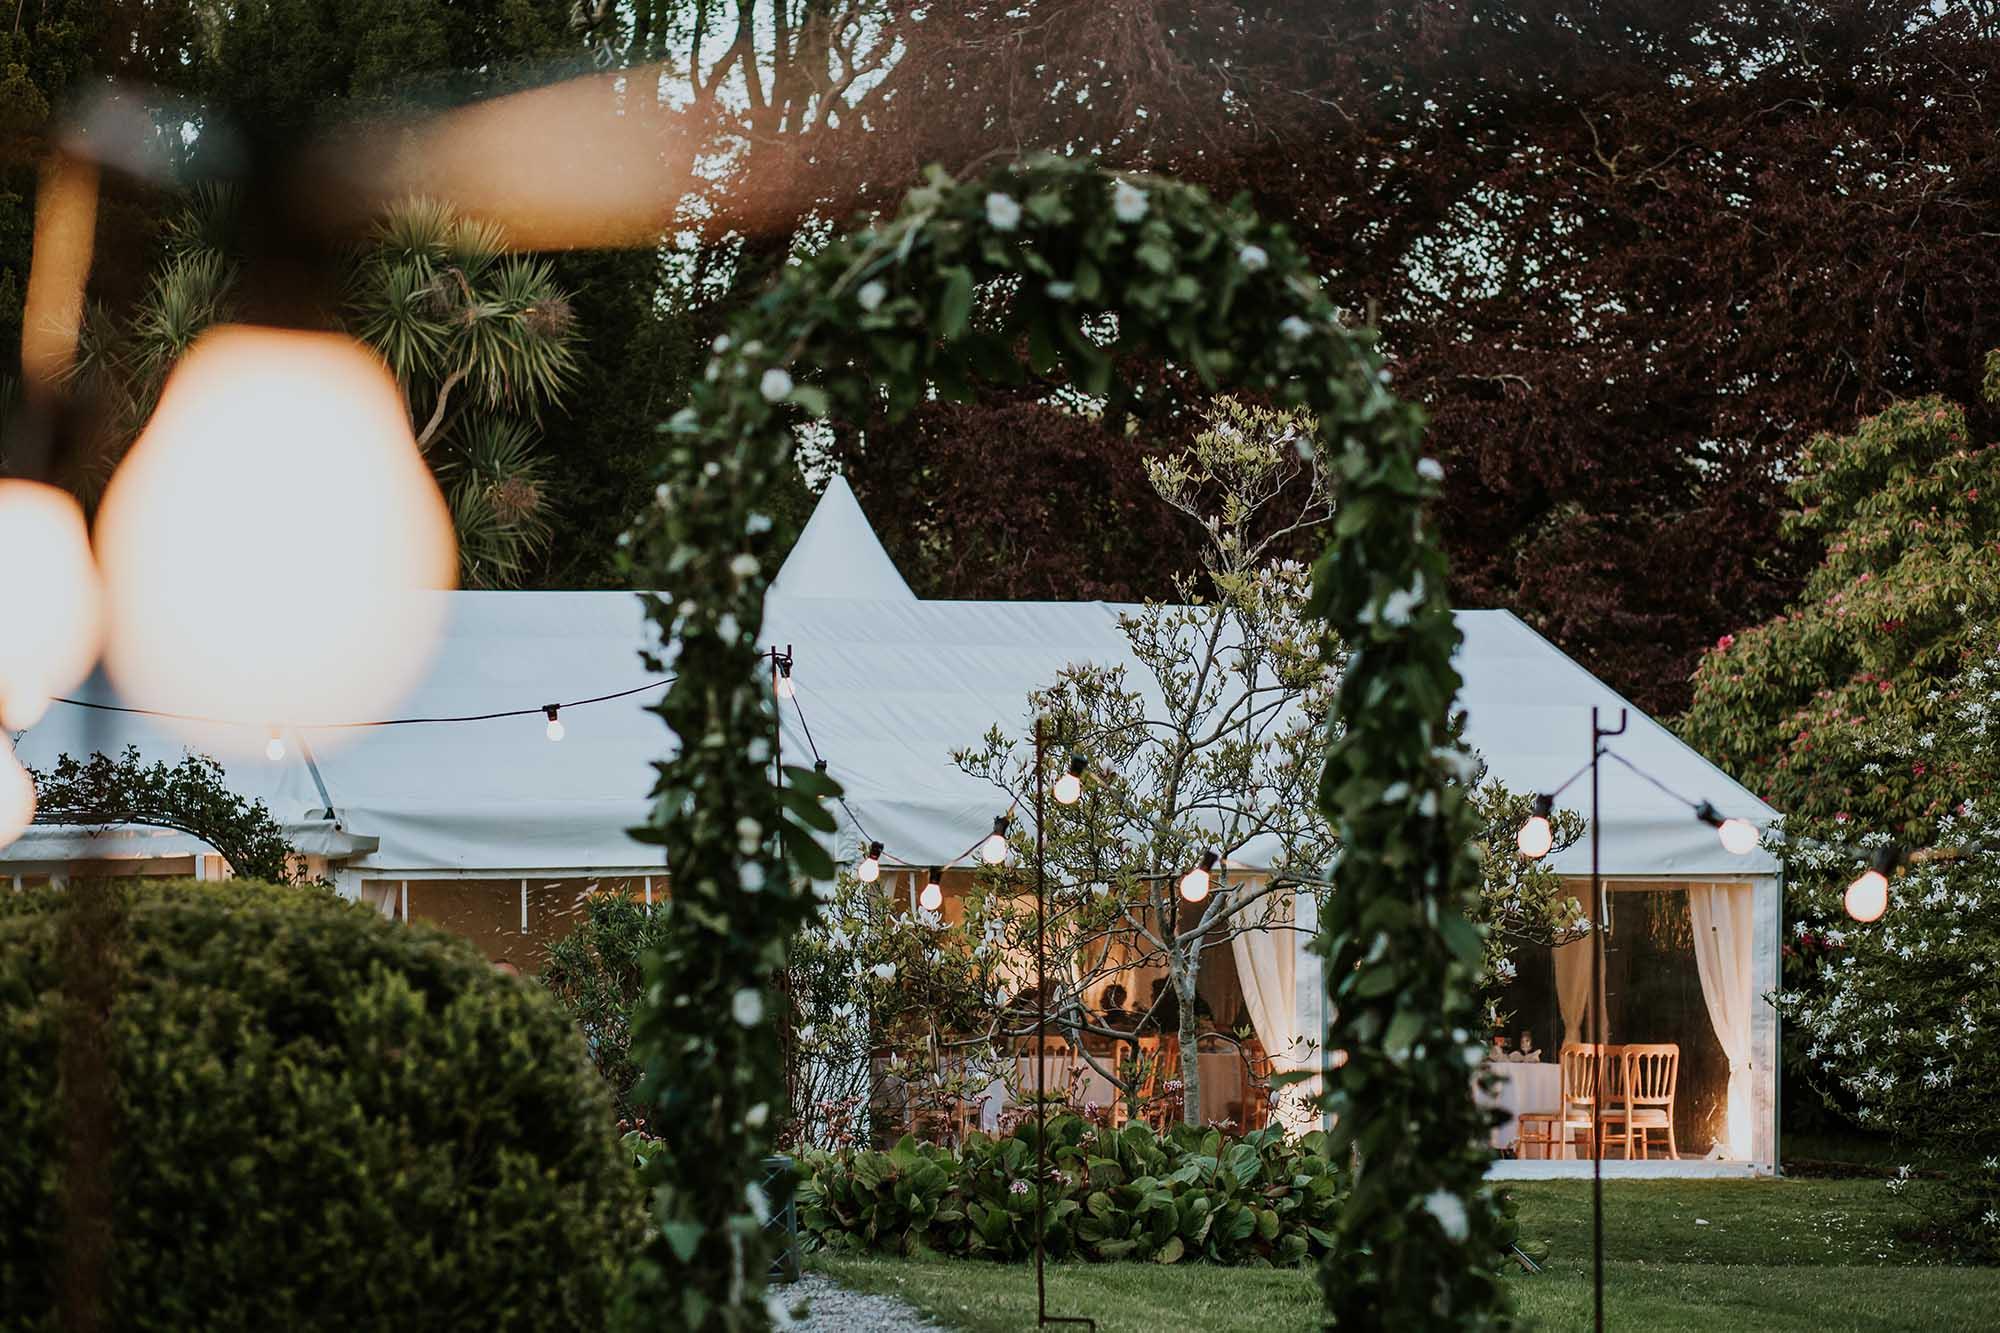 wedding reception tros yr afon anglesey